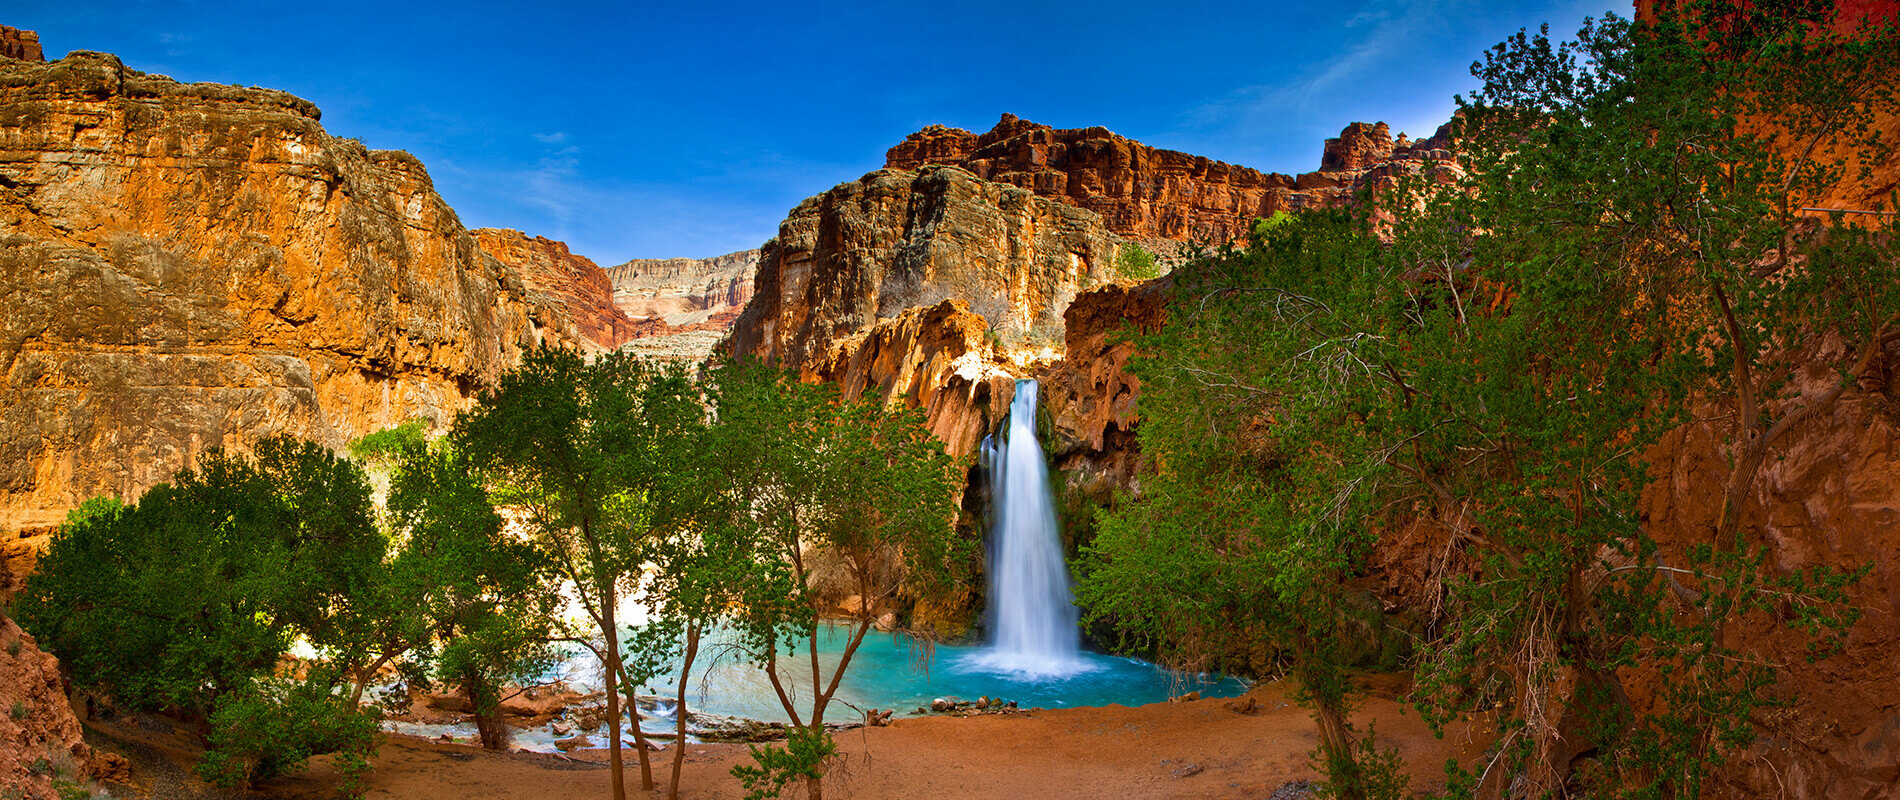 Havasu Falls, il gioiello nascosto nella riserva indiana degli Havasupai